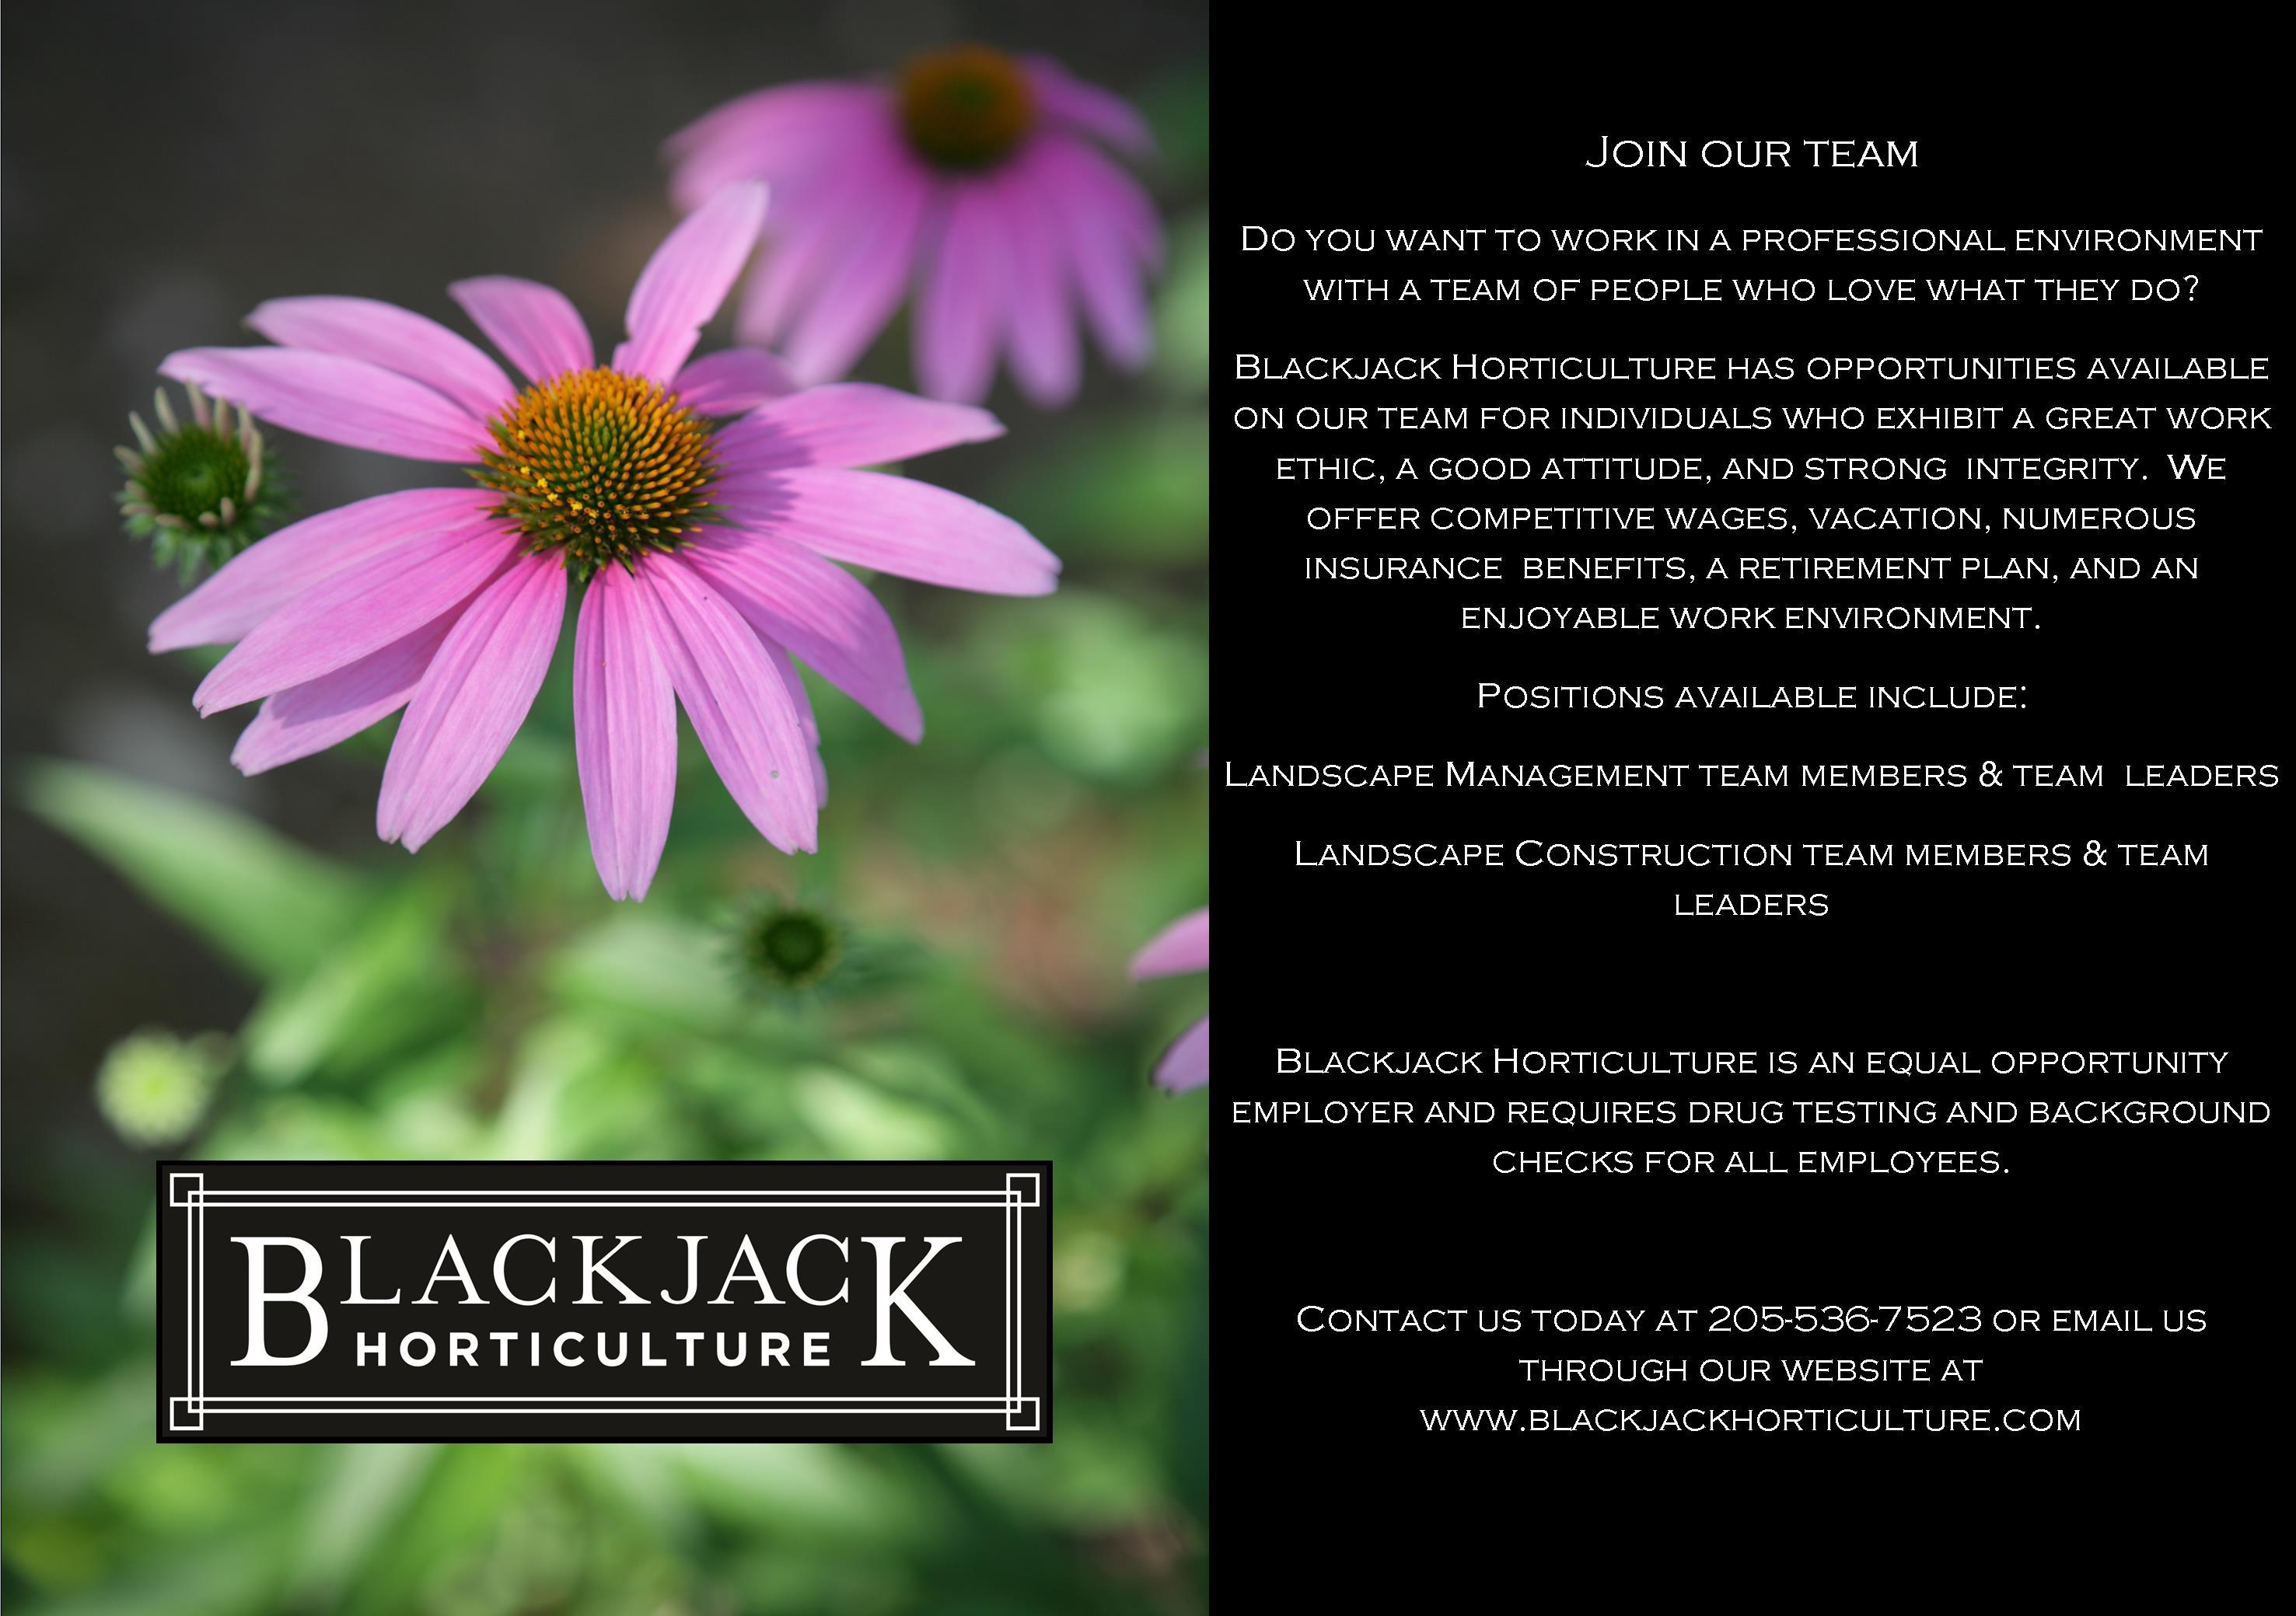 Blackjack employment